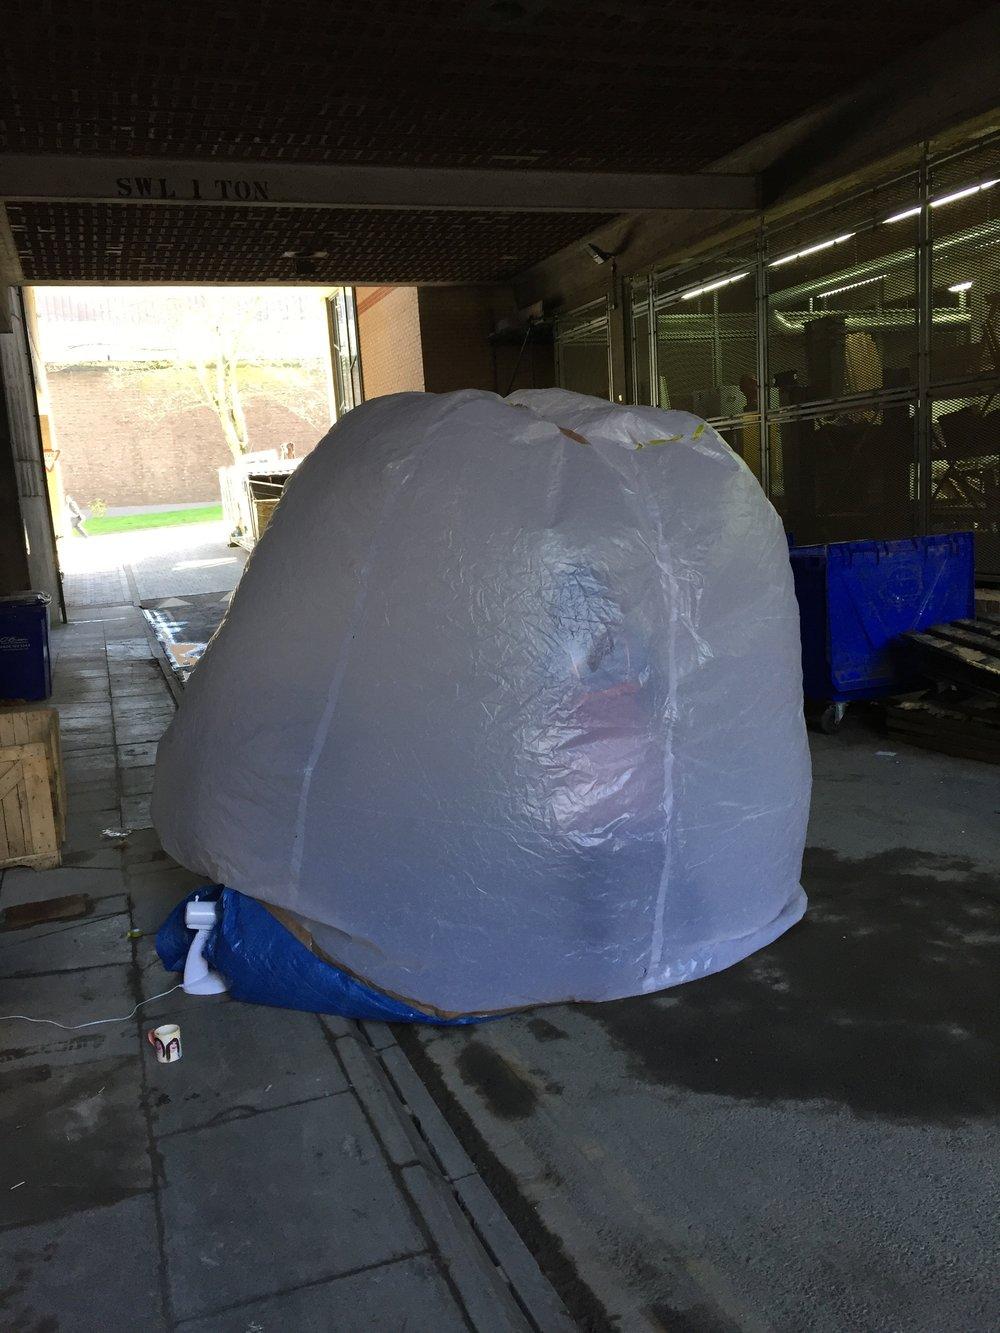 Globe Inflatable, 2017